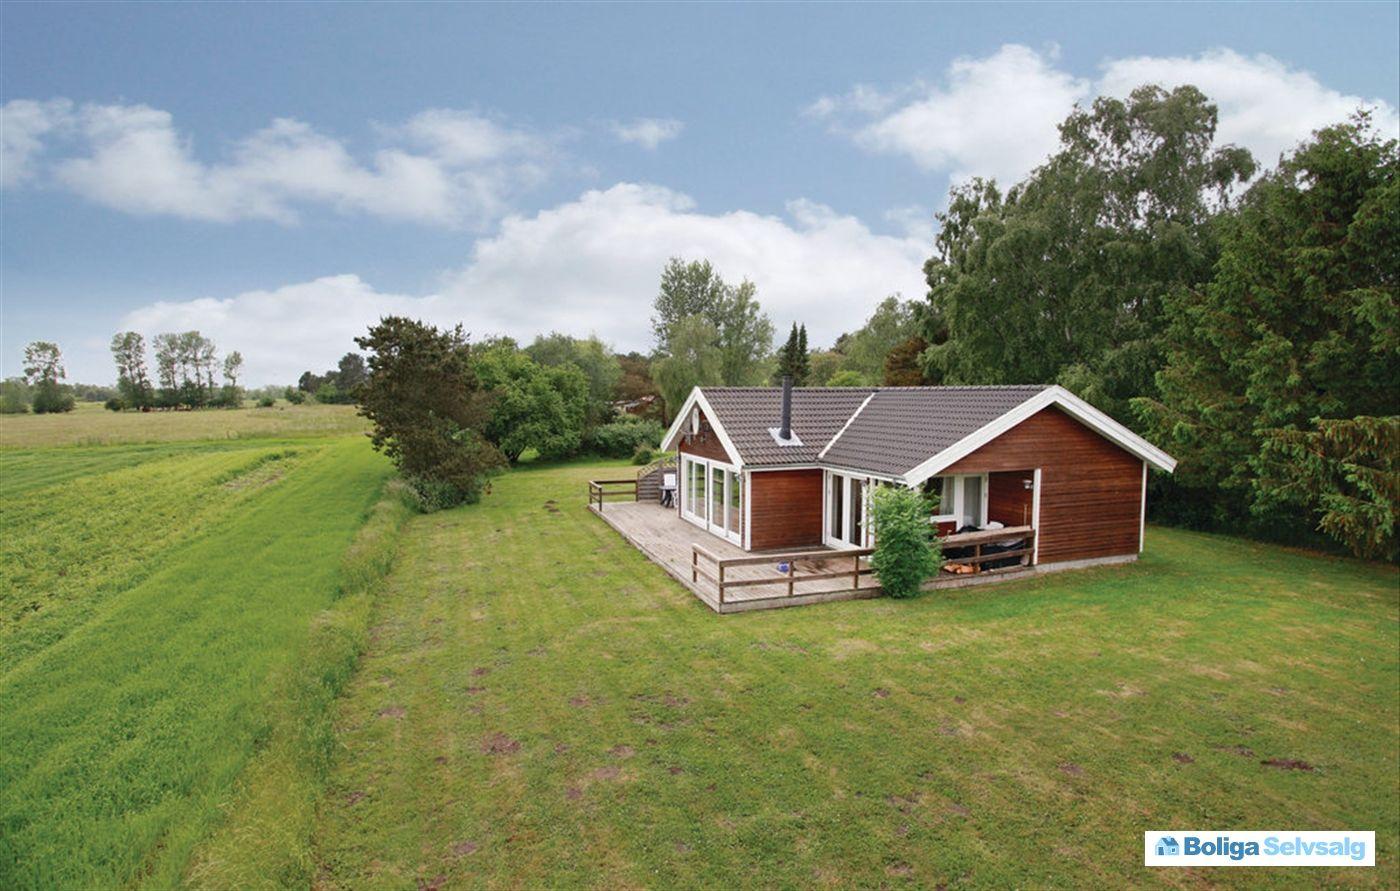 Kløvervej 33, Gundestrup, 4571 Grevinge - Dejligt luksus fritidshus med fantastisk udsigt #fritidshus #sommerhus #grevinge #selvsalg #boligsalg #boligdk